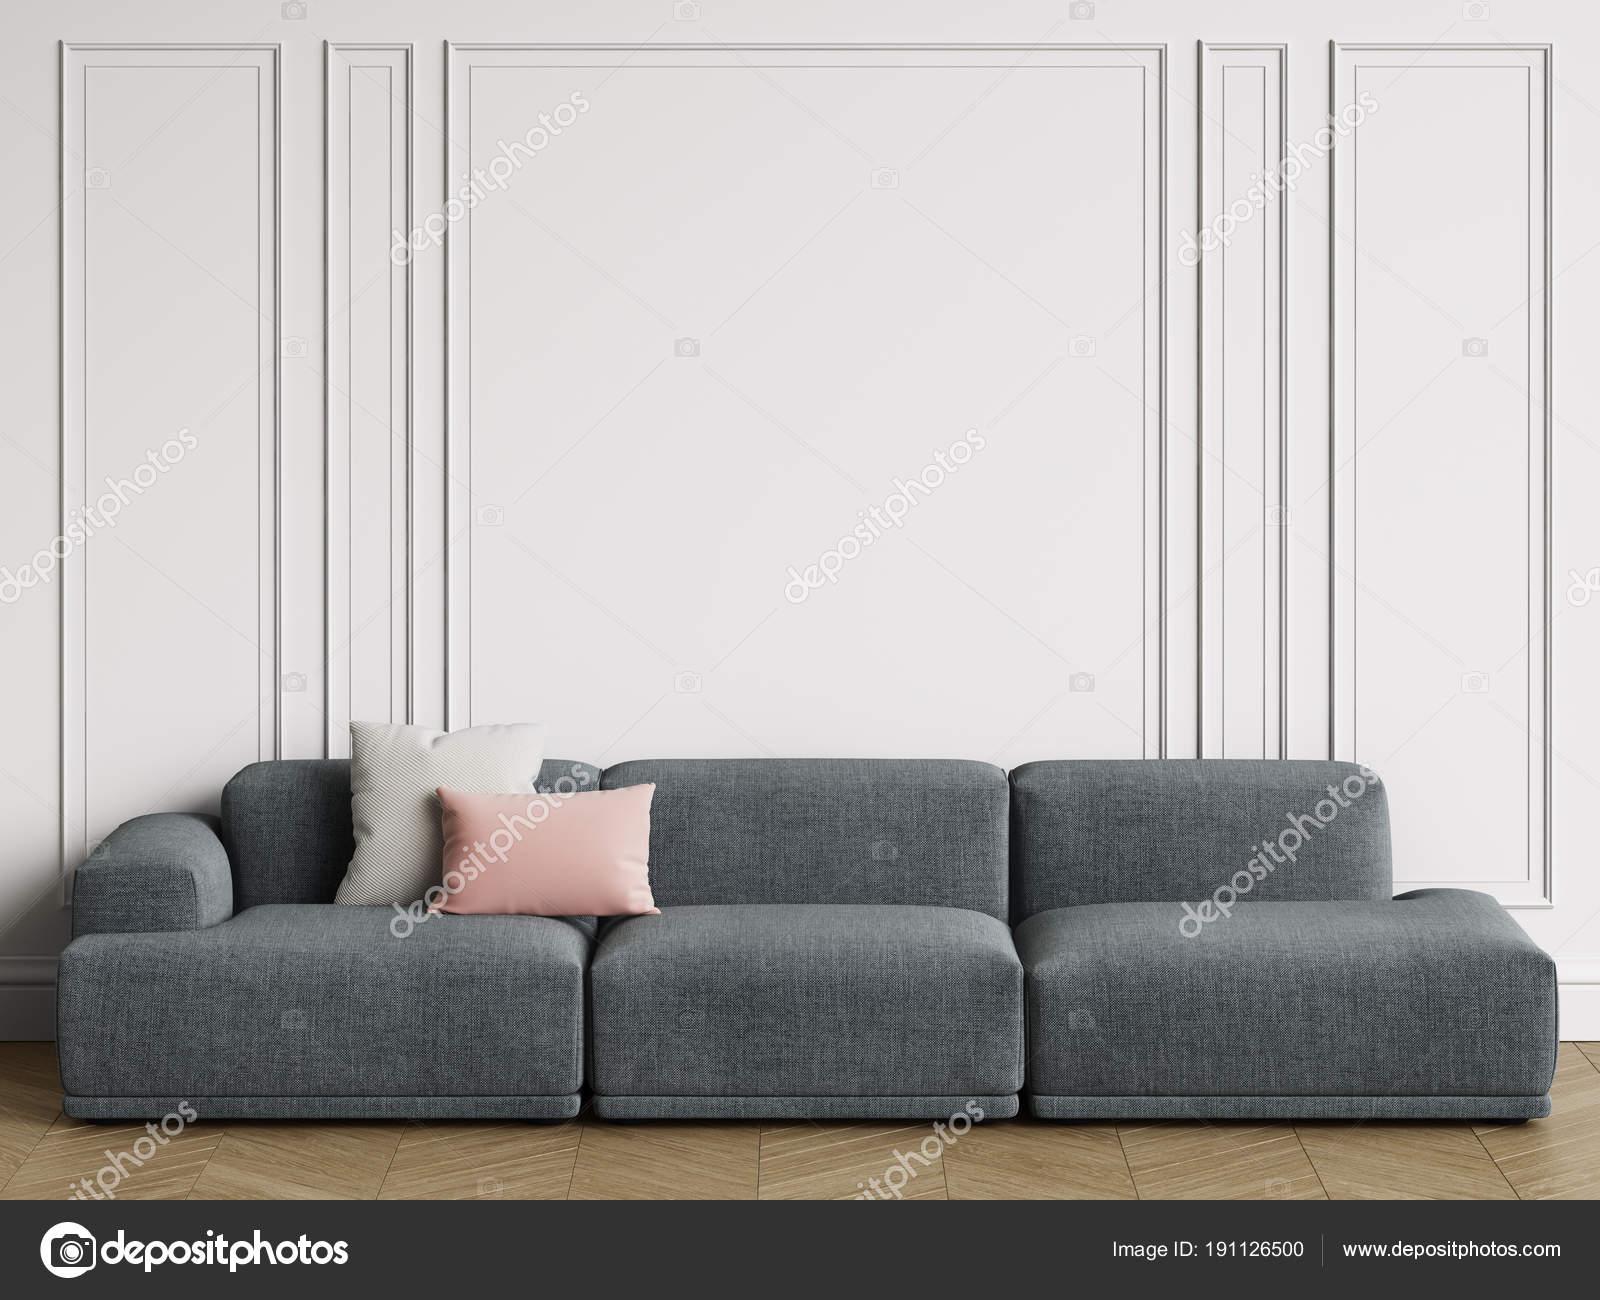 Sof design escandinavo moderno interior paredes com for Interior design moderno